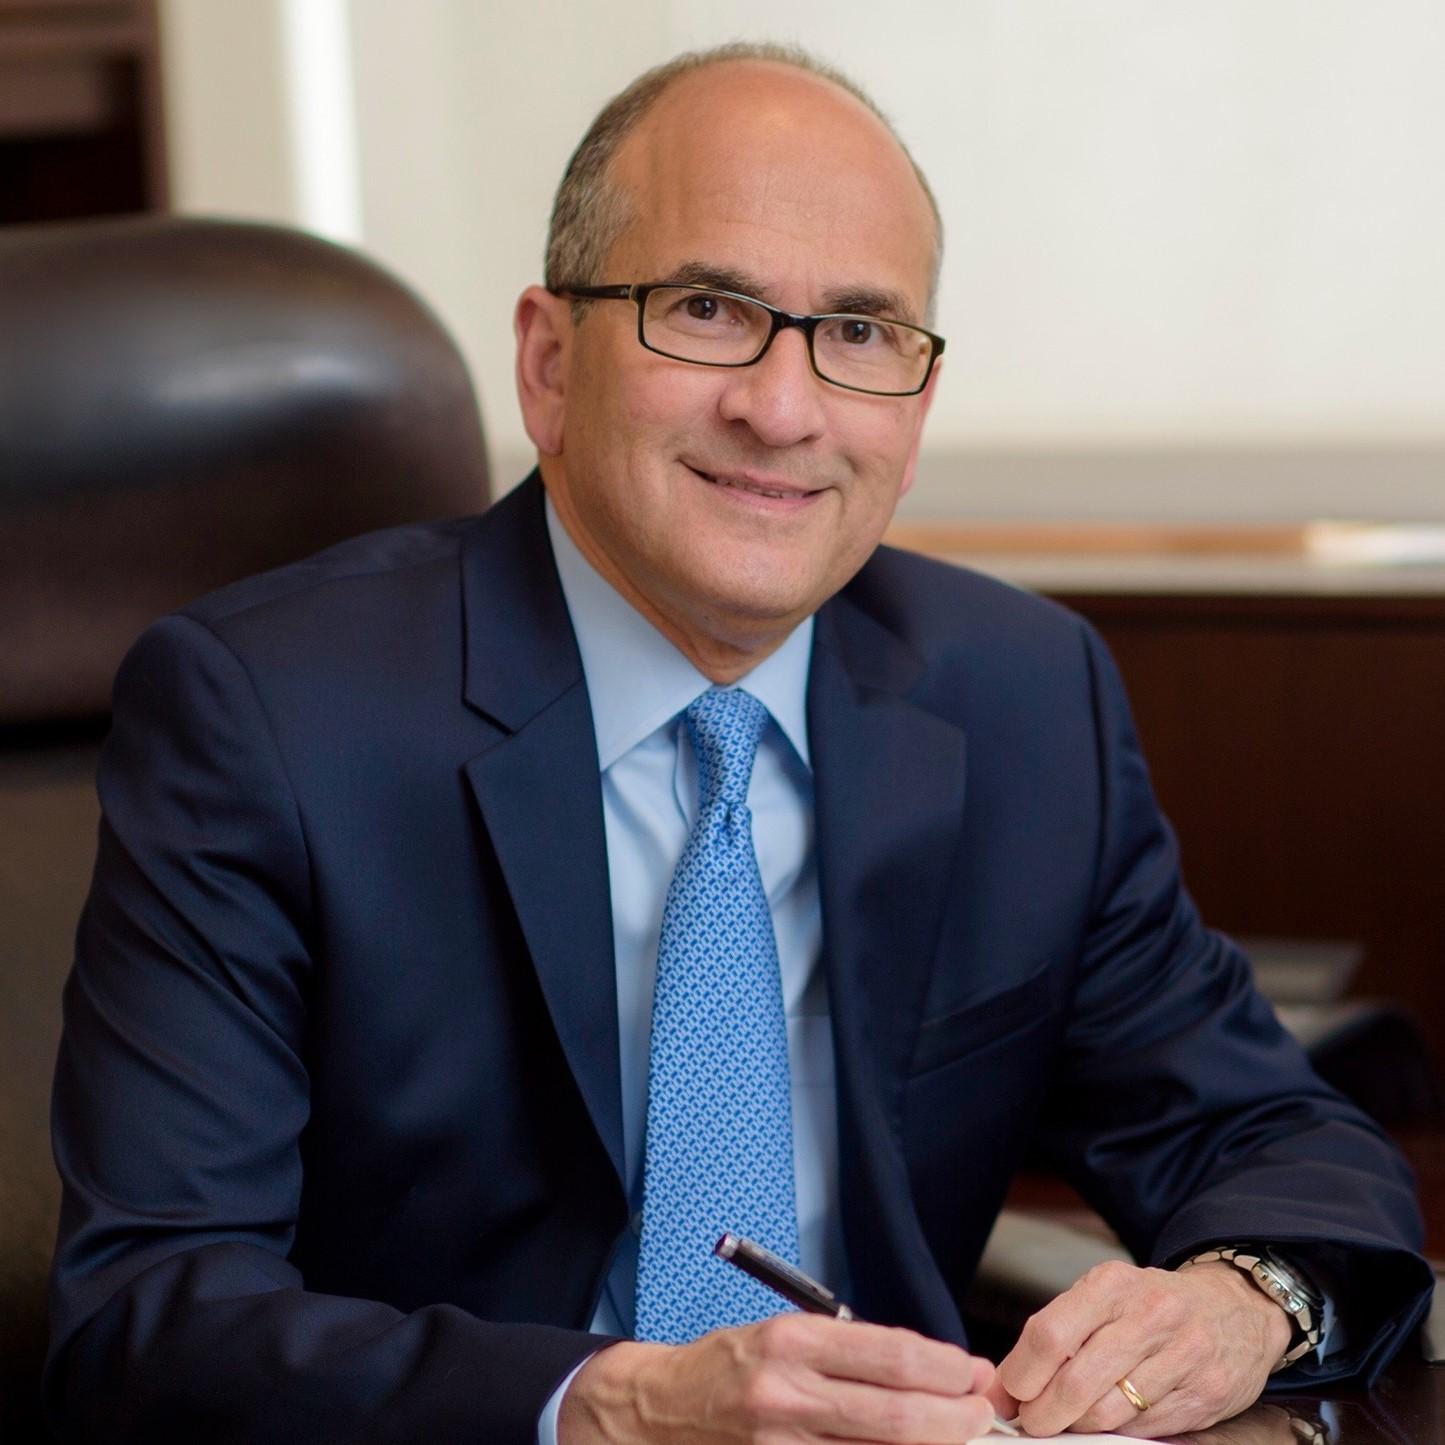 Peter G. Cordeiro, MD, FACS